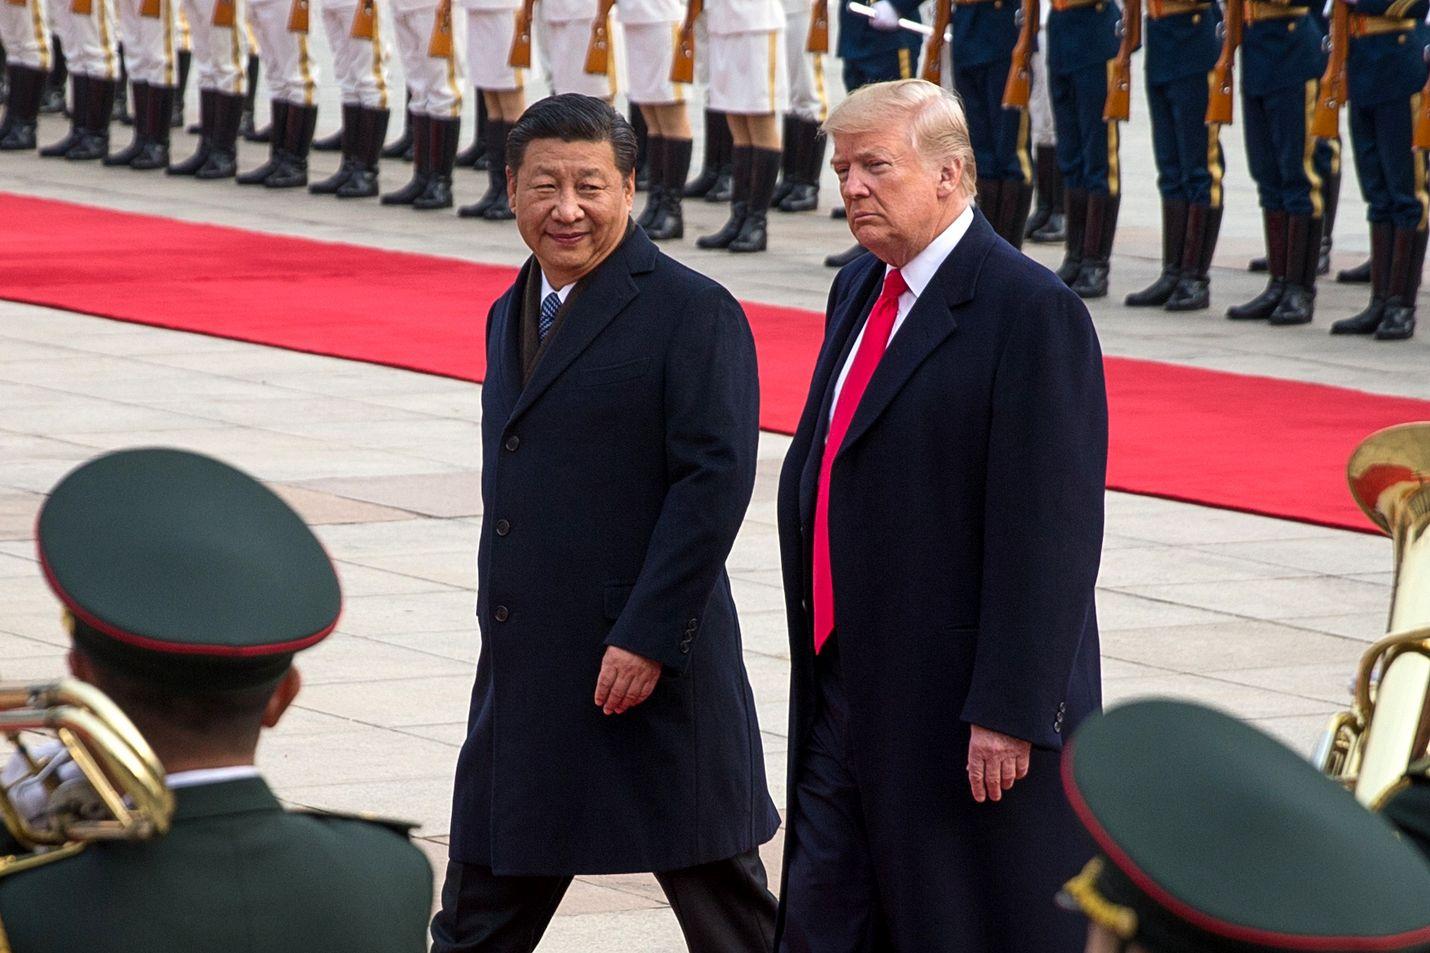 Yhdysvaltojen ja Kiinan välinen kauppasota on vahingoittanut kummankin maan taloutta. Xi ja Trump Pekingissä marraskuussa 2017.